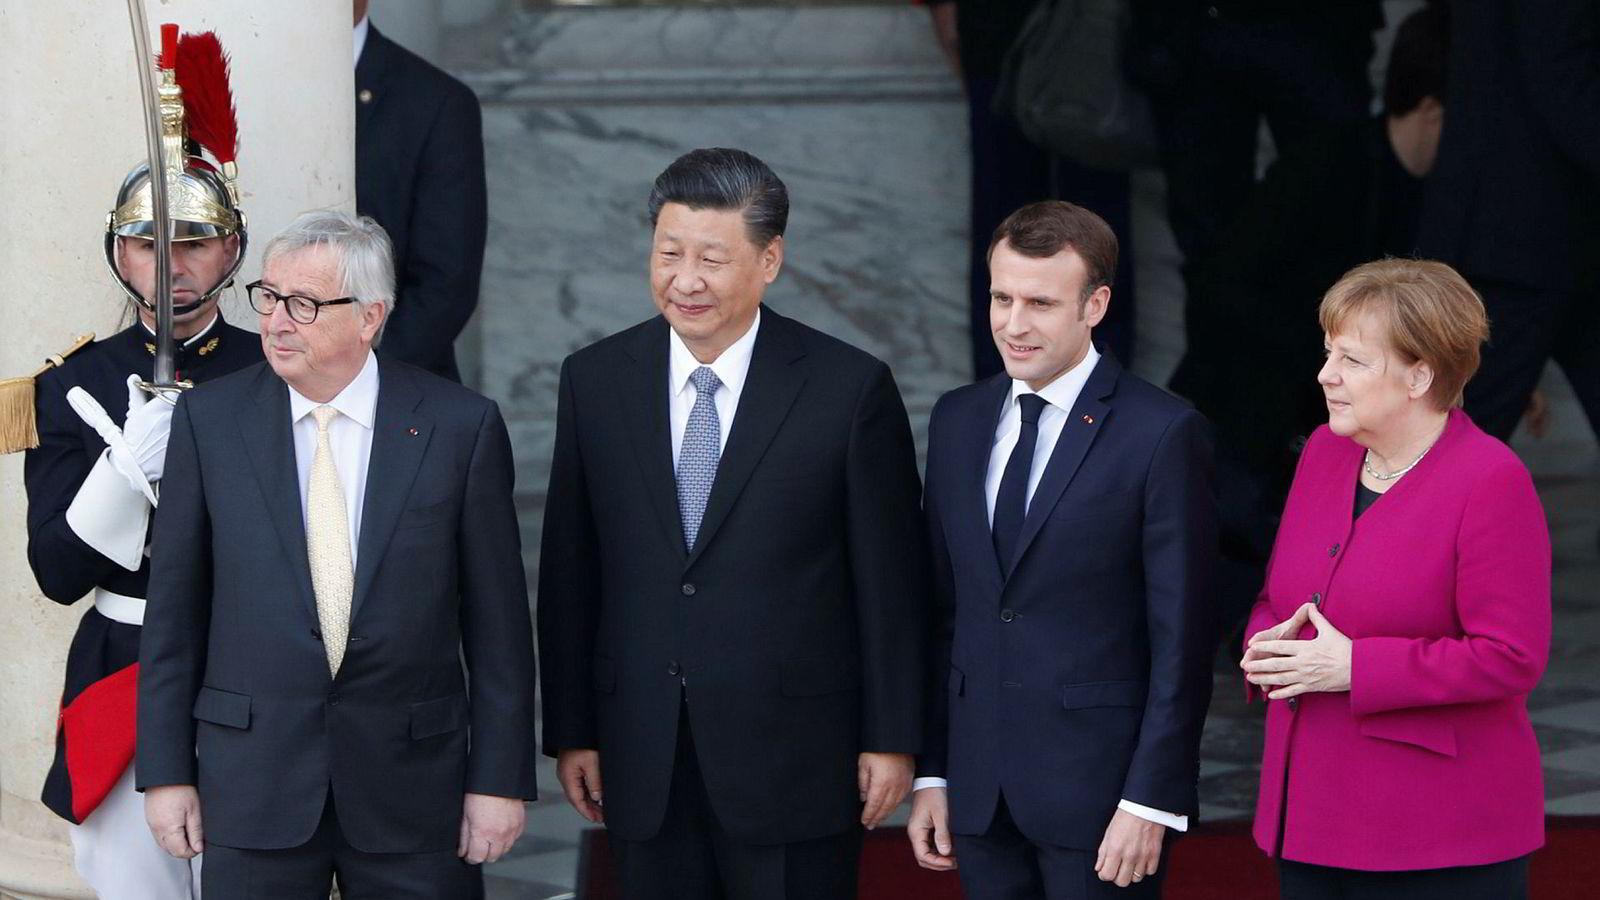 Da Kinas president Xi Jinping nylig besøkte Frankrike, inviterte president Macron også med Europakommisjonens president Juncker og Angela Merkel. Budskapet var klart: EU står sammen.